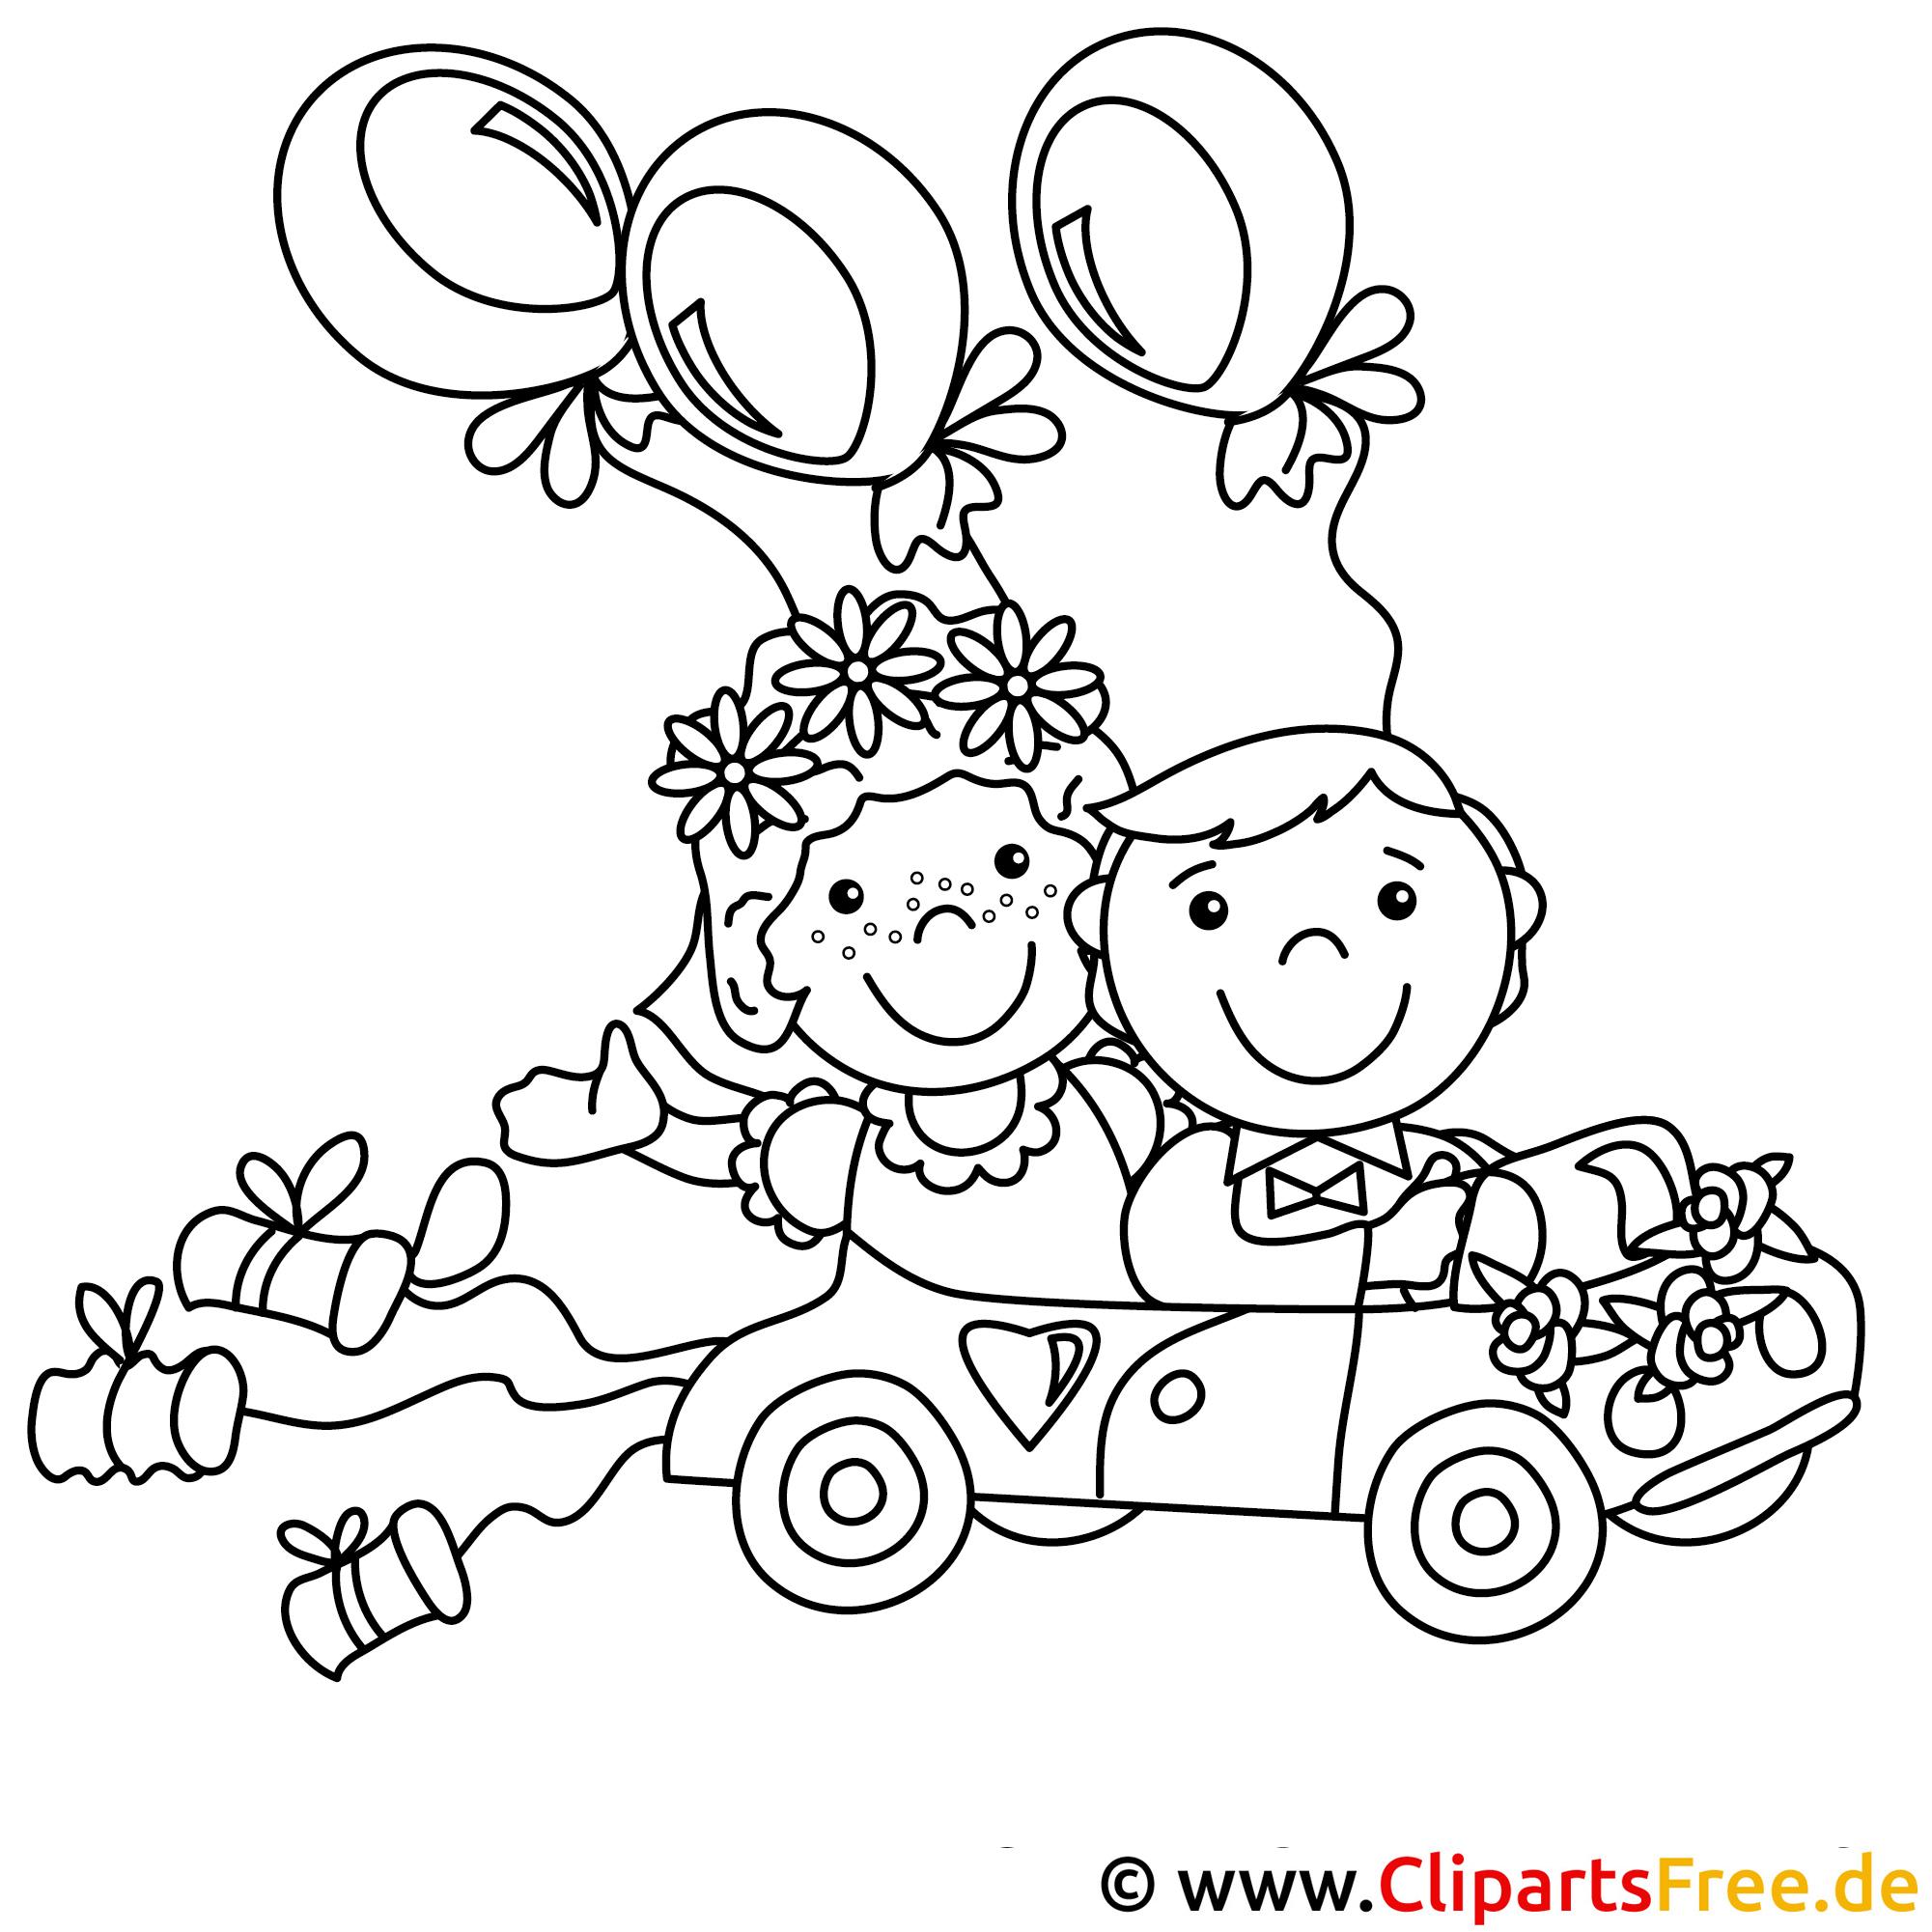 Ausmalbilder Auto Just Married : Hochzeit Ausmalbilder Kostenlos Zum Ausdrucken